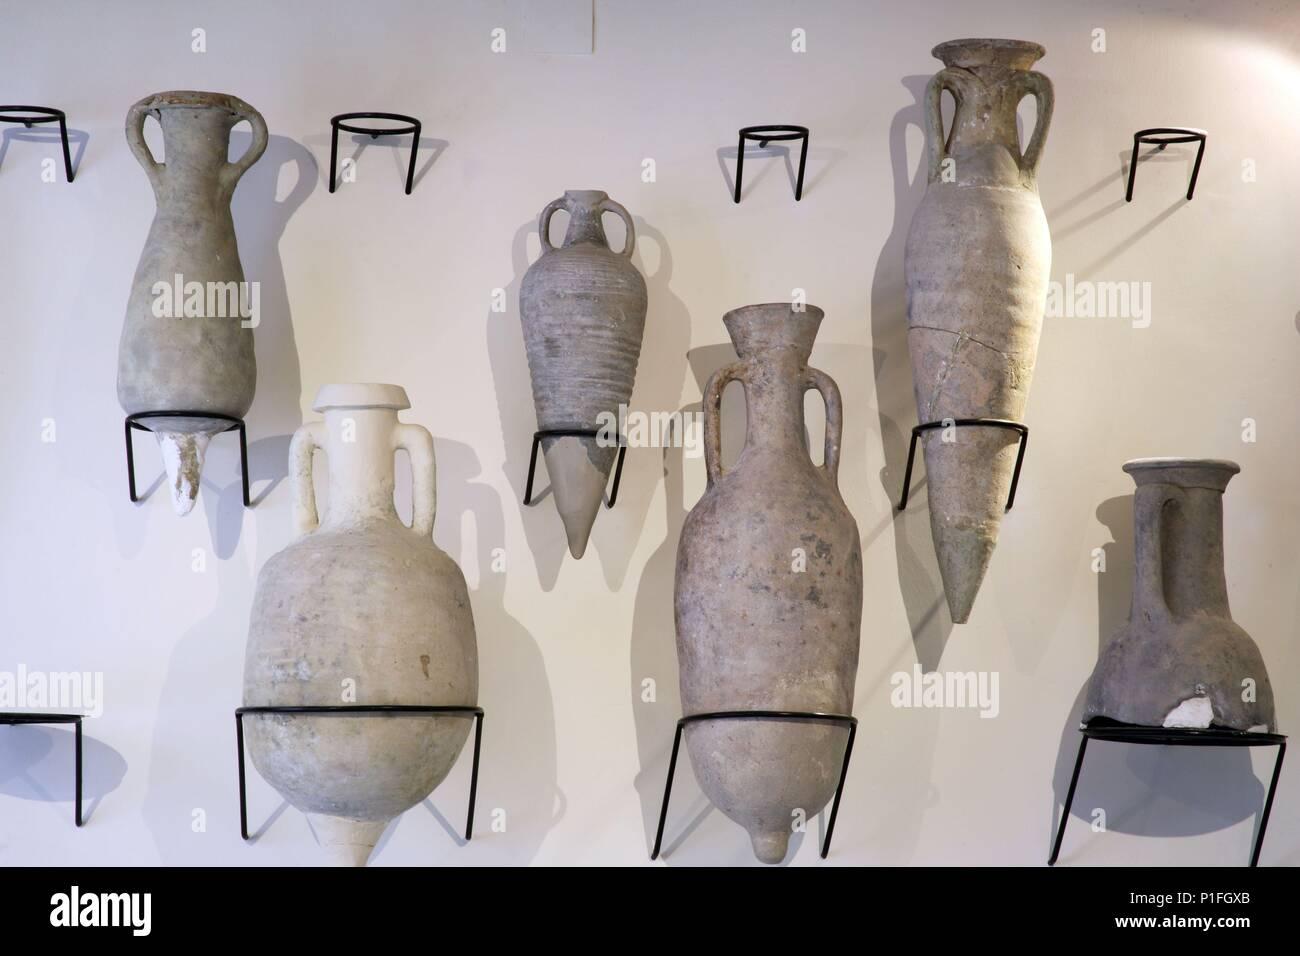 SPAIN - Cuenca de Mula (district) - MURCIA. Cehegín; Museo de Arqueología; sala vasijas iberas. - Stock Image